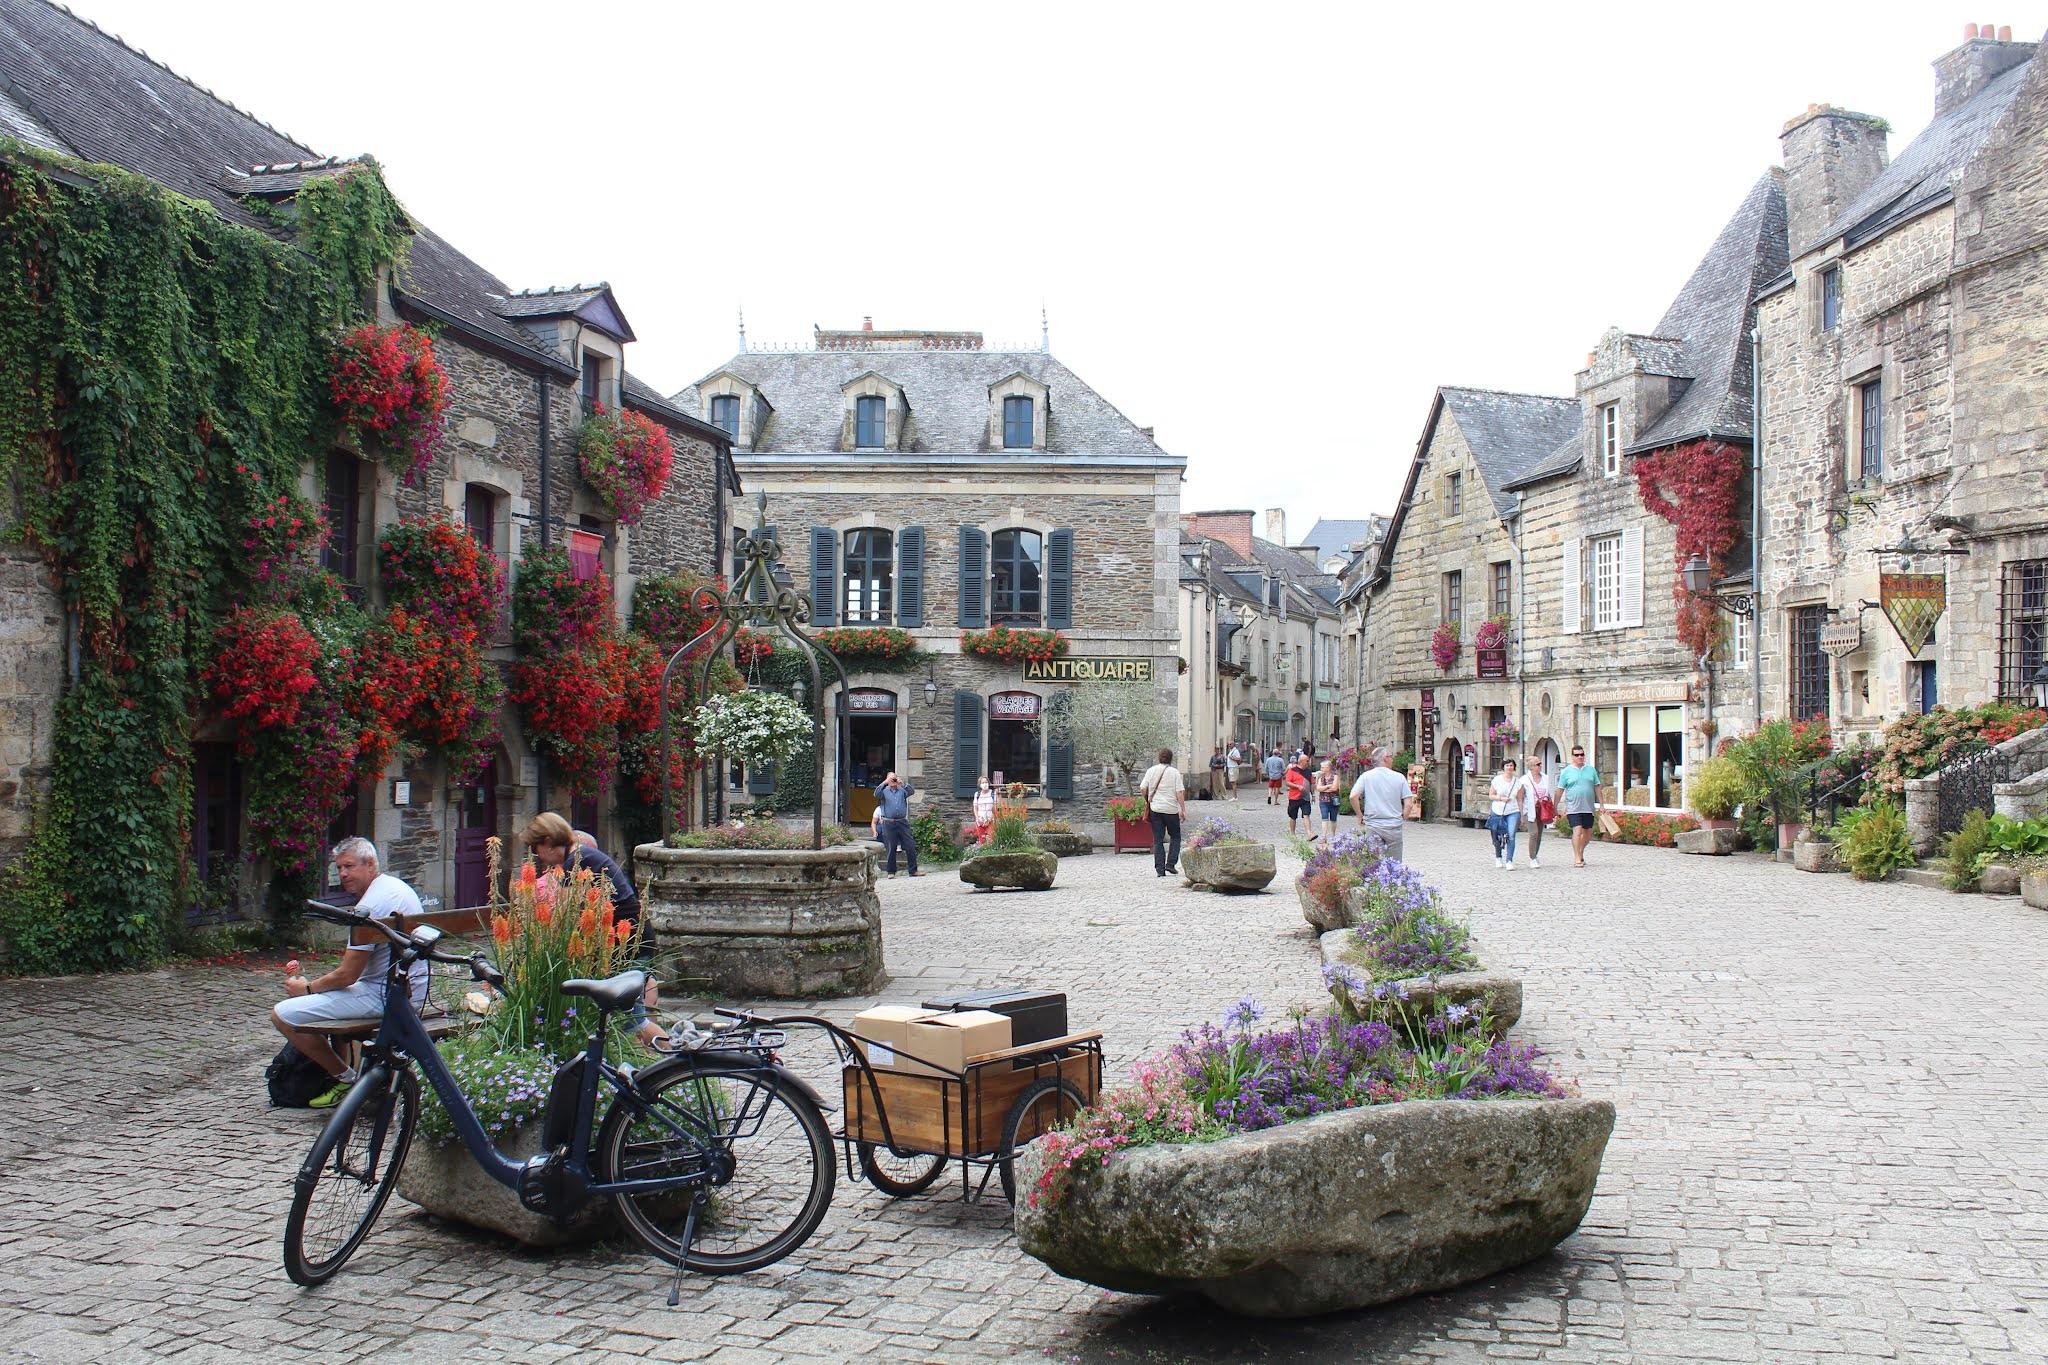 Les plus beaux villages de France, els pobles més bonics de França, Bretanya francesa